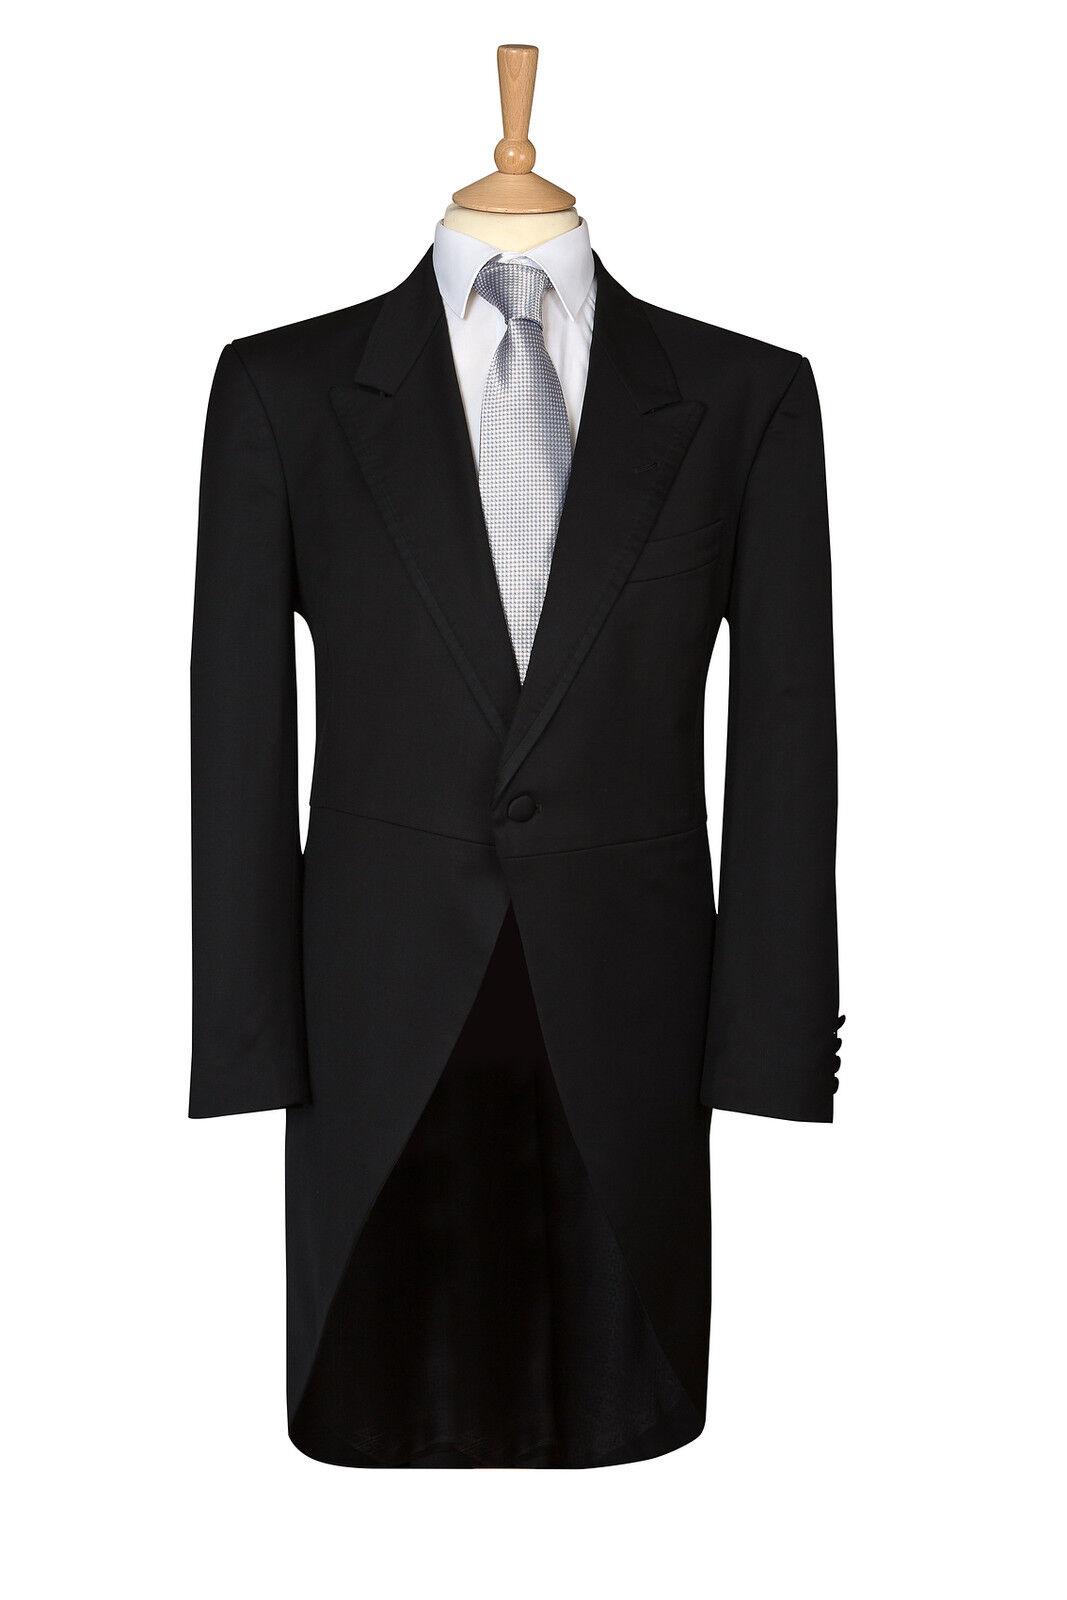 Da DI Uomo NERA SPINA DI Da PESCE pre di proprietà Ascot Frac Abito da Sposa Giorno Suit Tails 617072